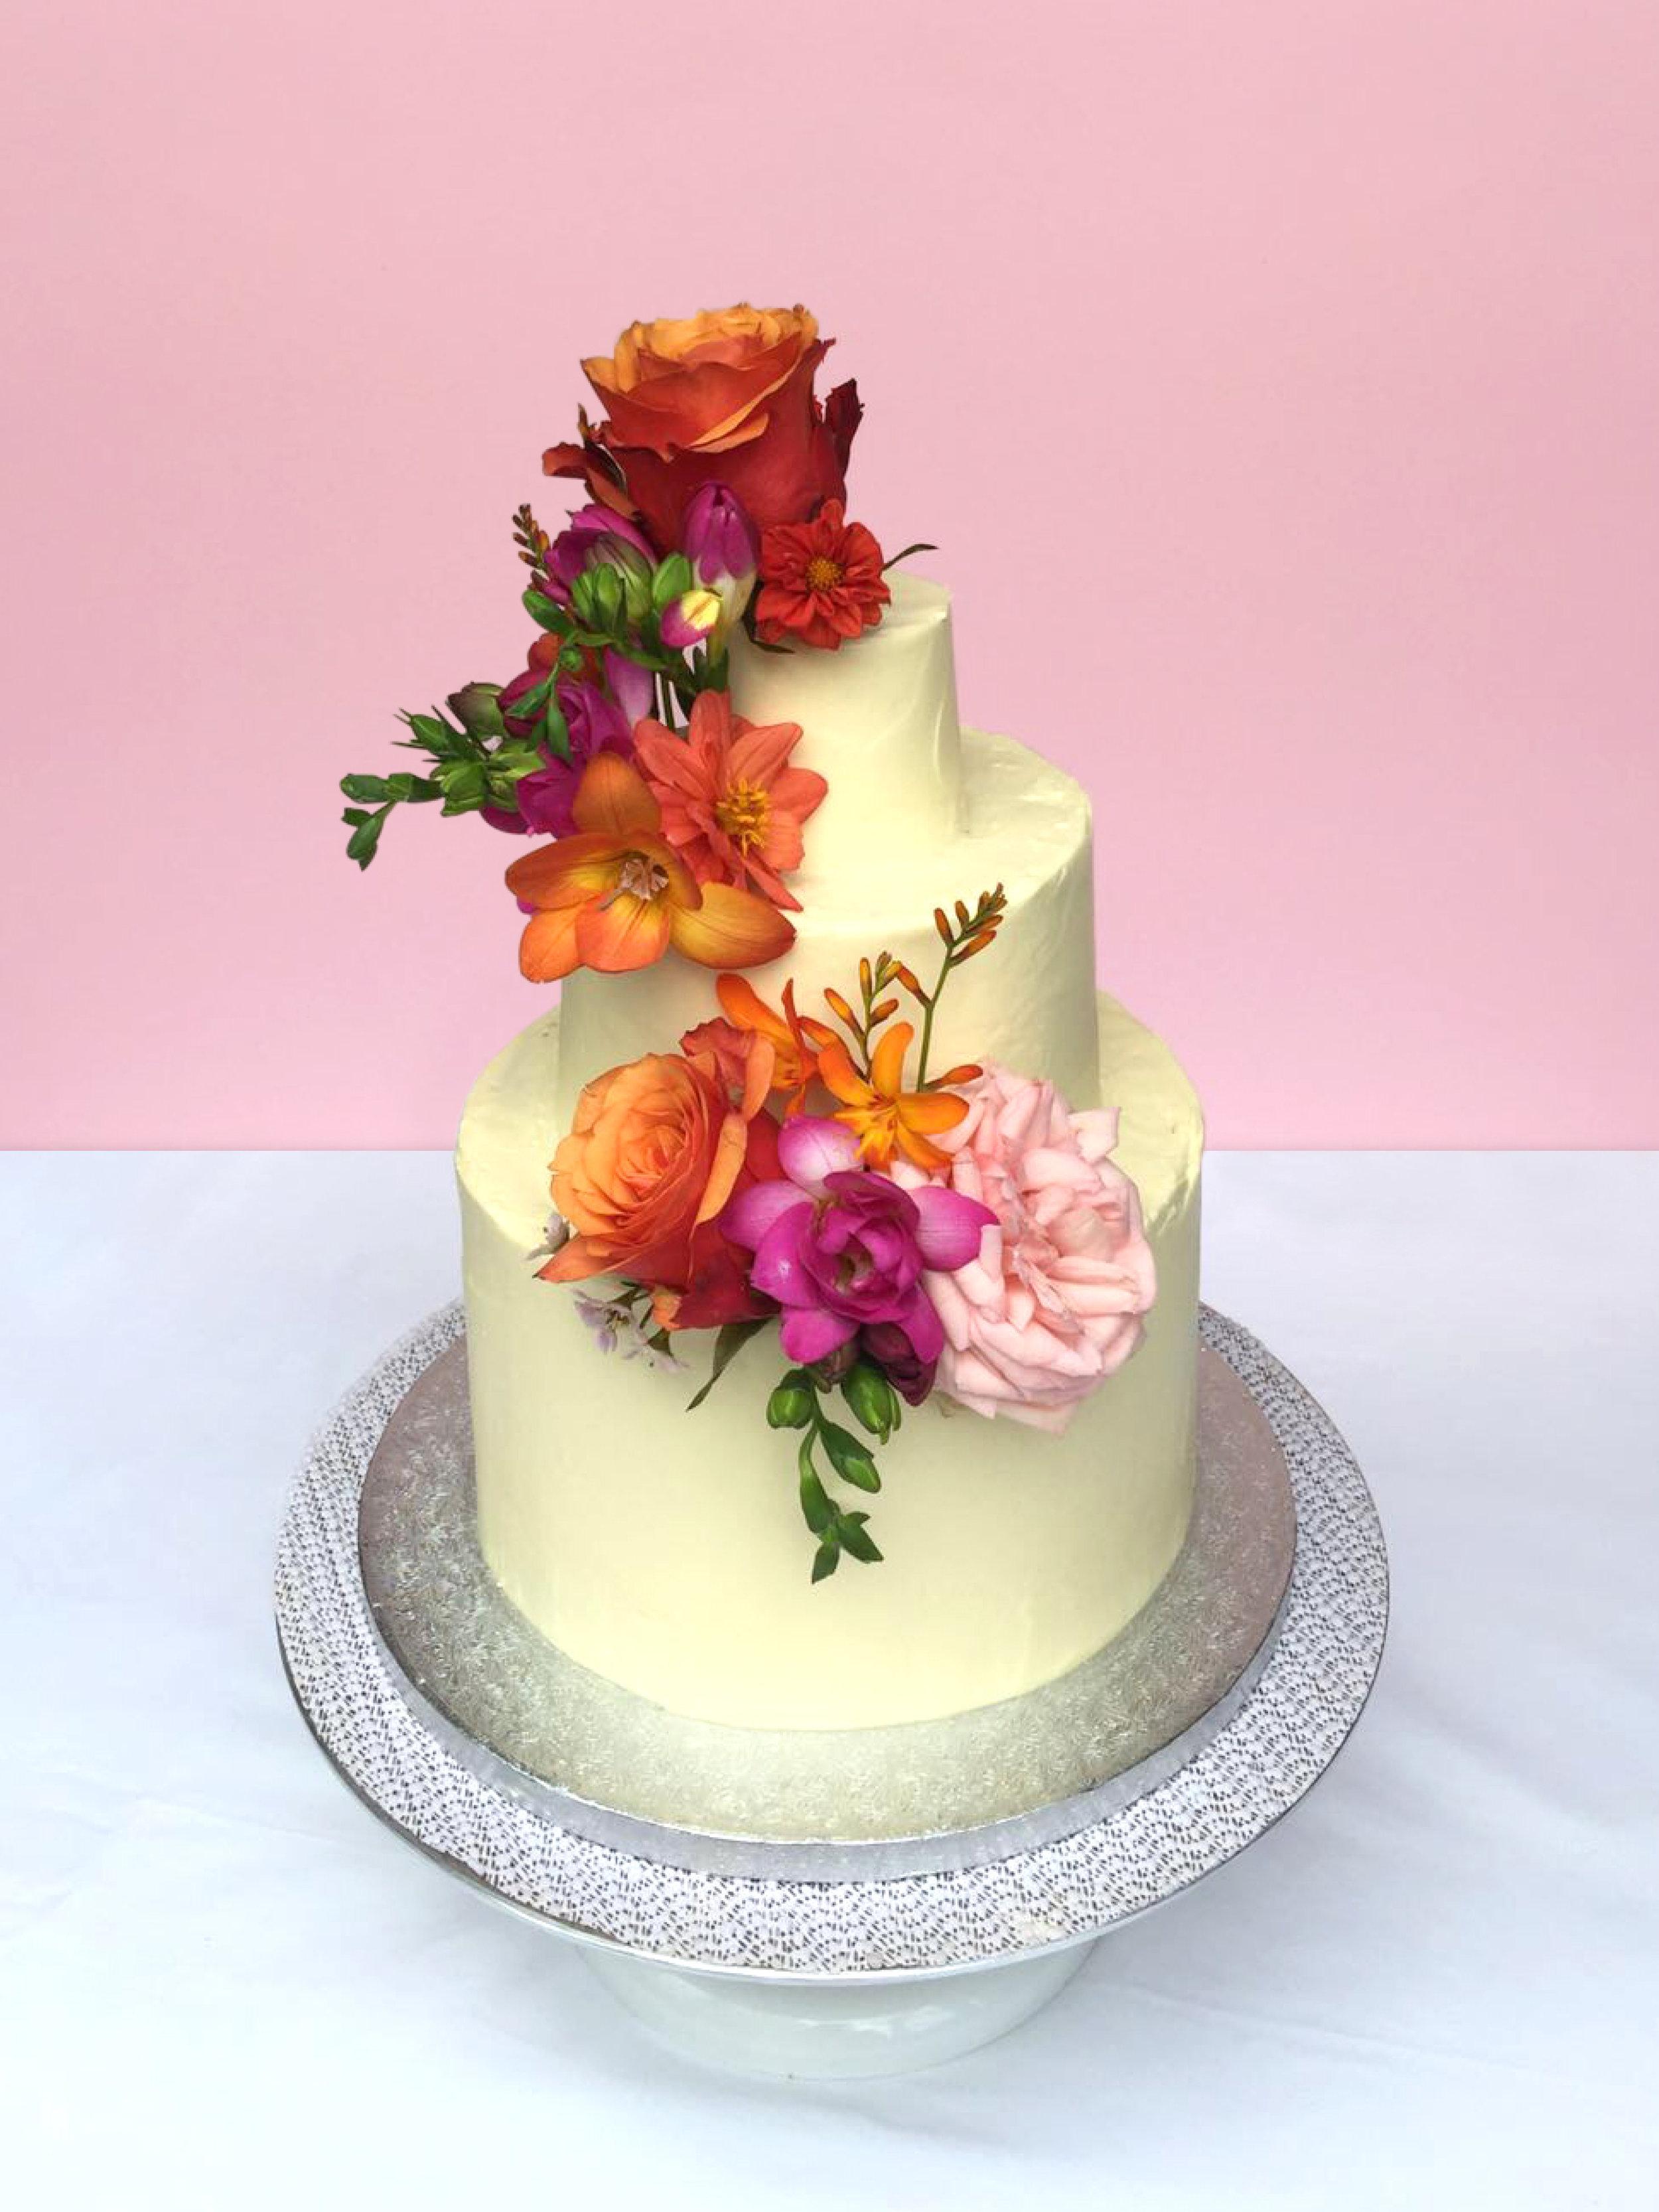 TGB_Cake_3000x4000px_72dpi22.jpg